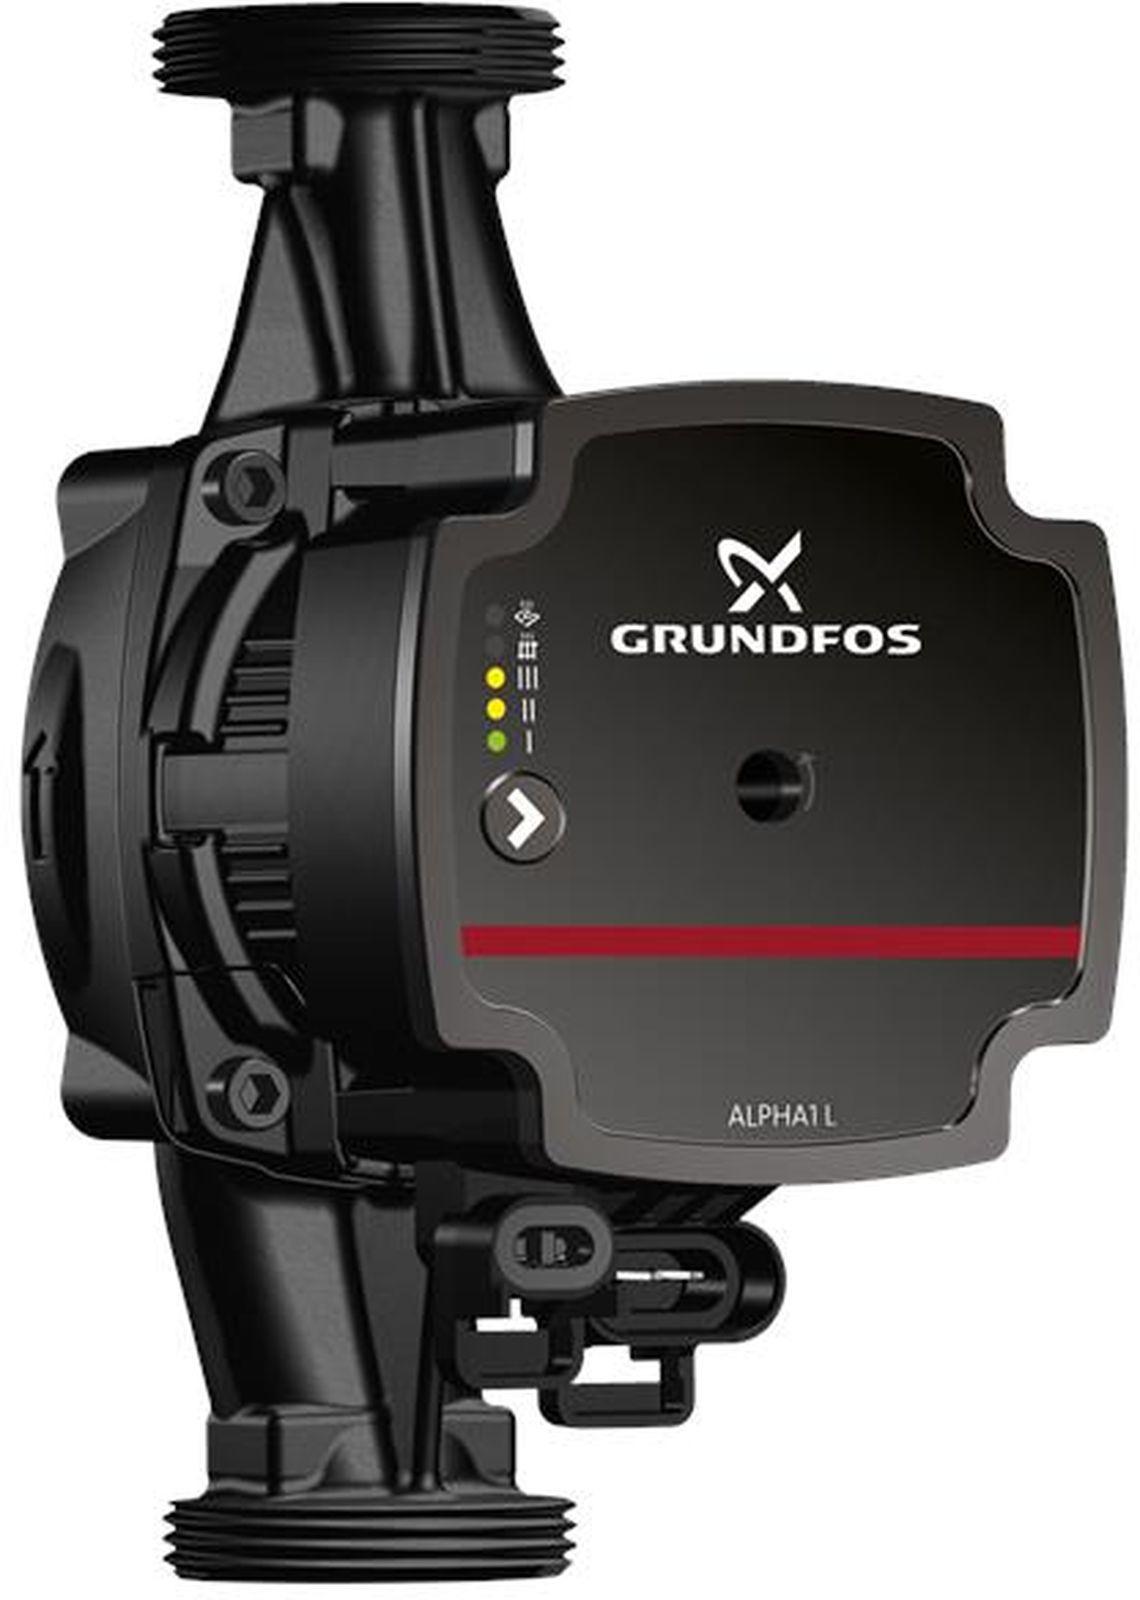 Циркуляционный насос Grundfos Alpha1 L 32-40 180